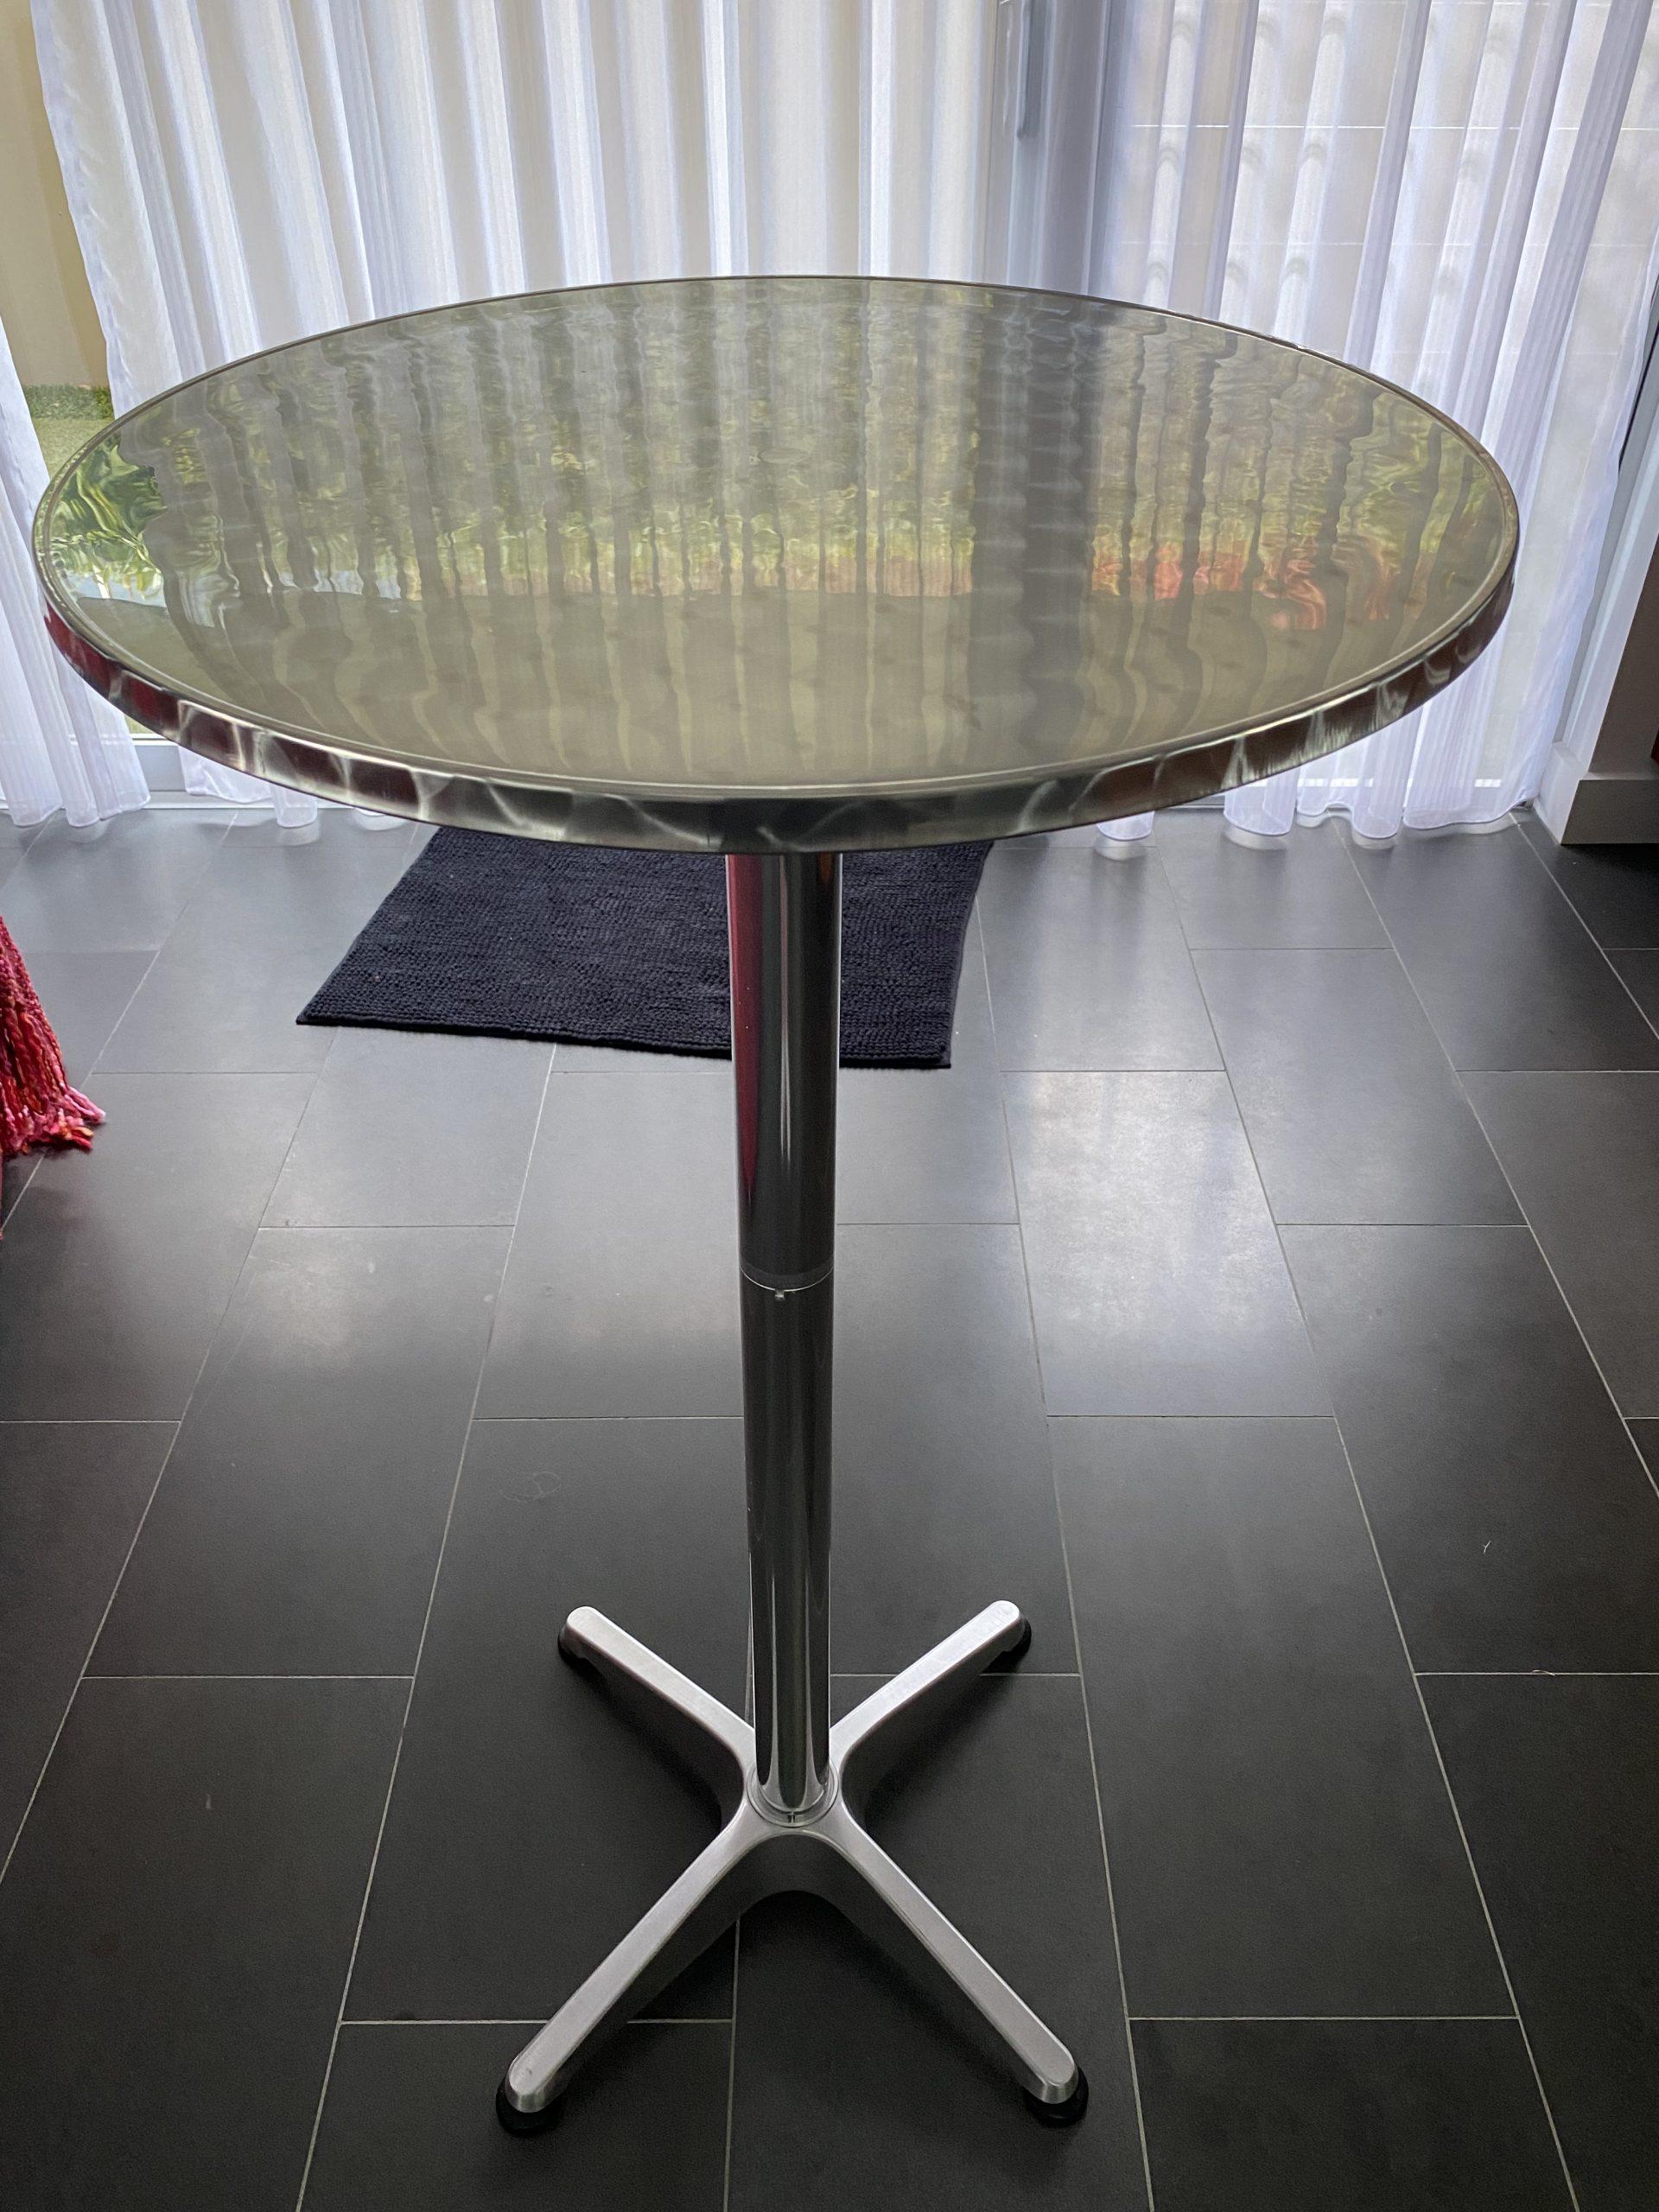 2 x bar tables